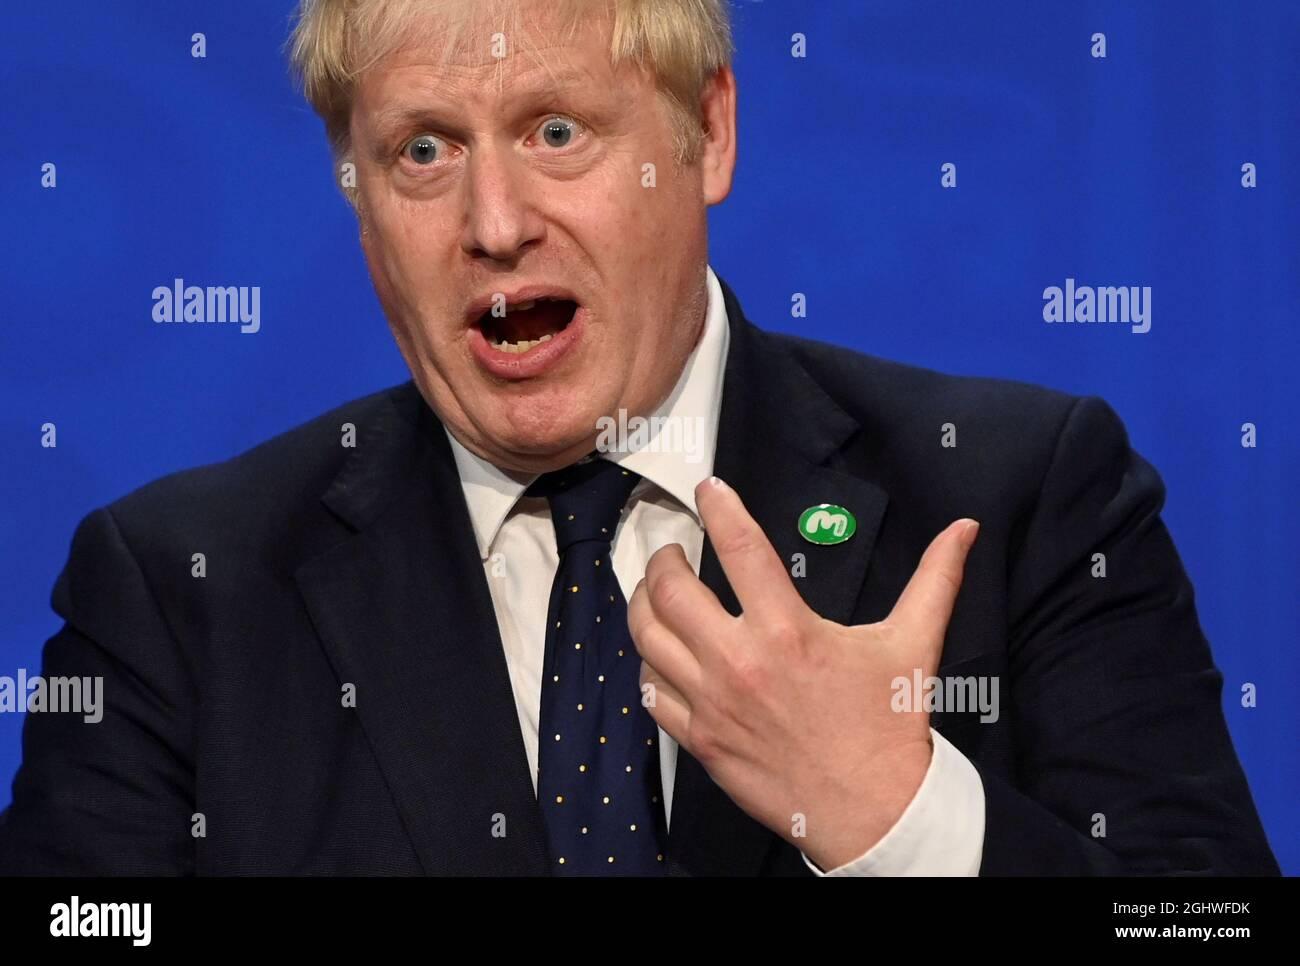 Premierminister Boris Johnson während einer Medienbesprechung in der Downing Street, London, über den lang erwarteten Plan zur Behebung des defekten Sozialsystems. Bilddatum: Dienstag, 7. September 2021. Stockfoto